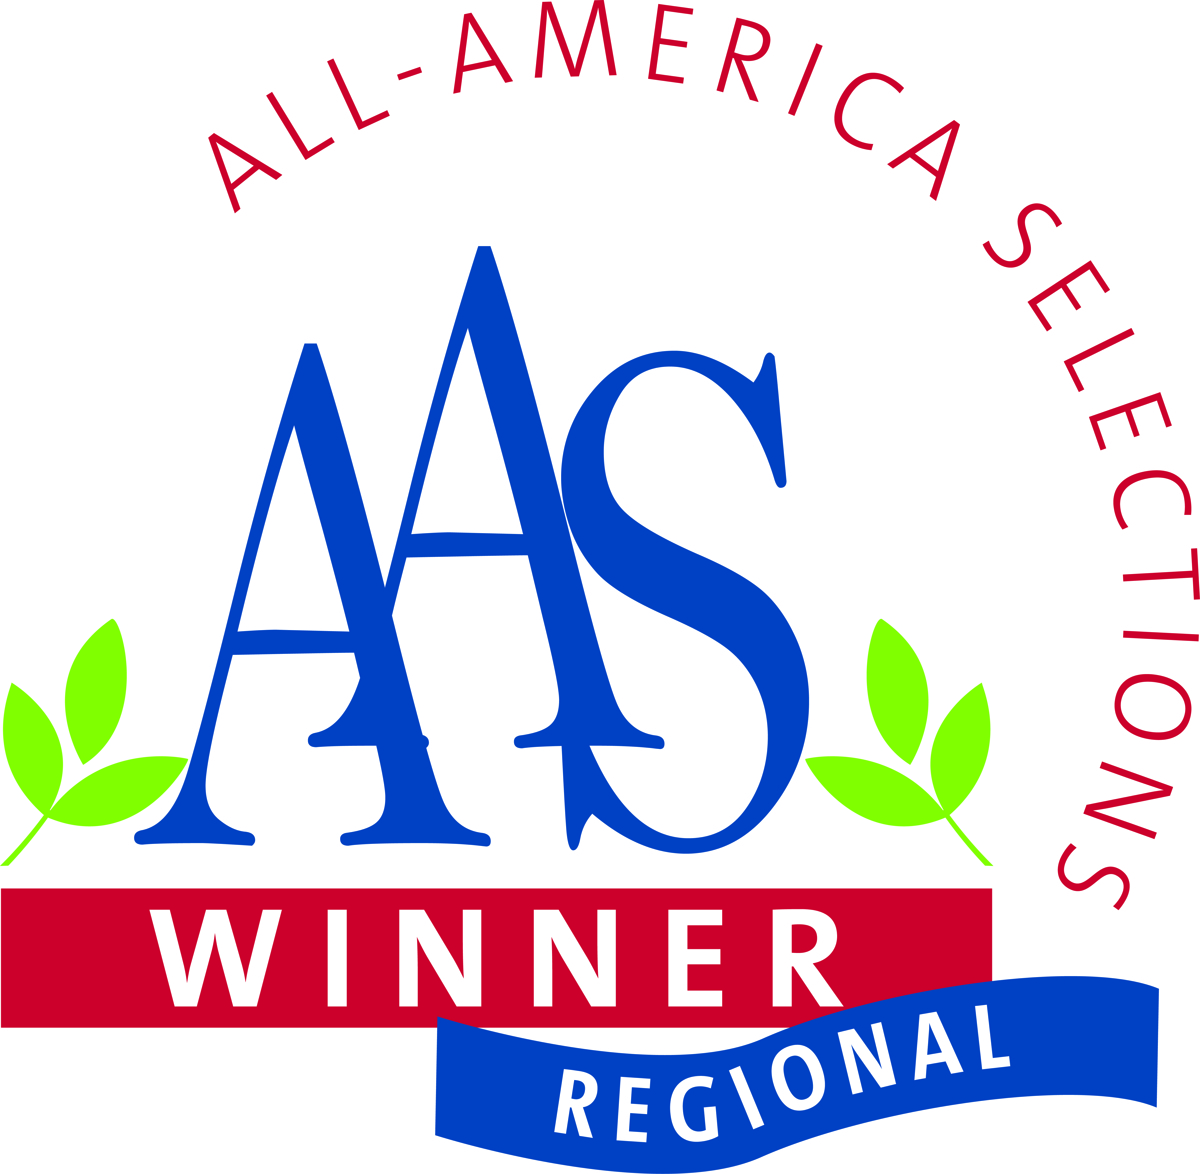 AAS Regional Winner (large view)